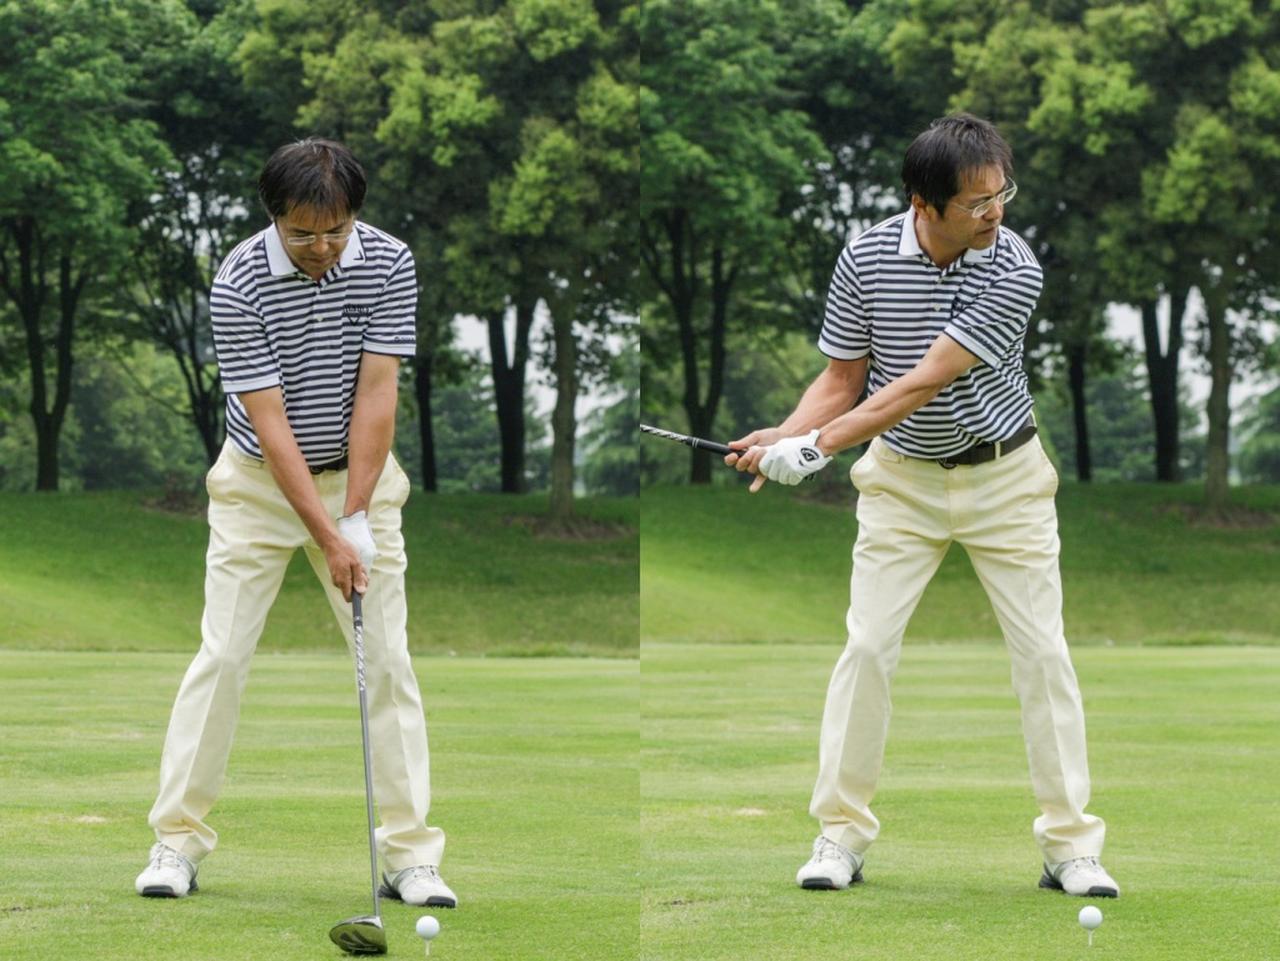 画像: ボールを見て、目標を見て、アドレスするとそれがリズムになり、心地よく円を描けるようになる。